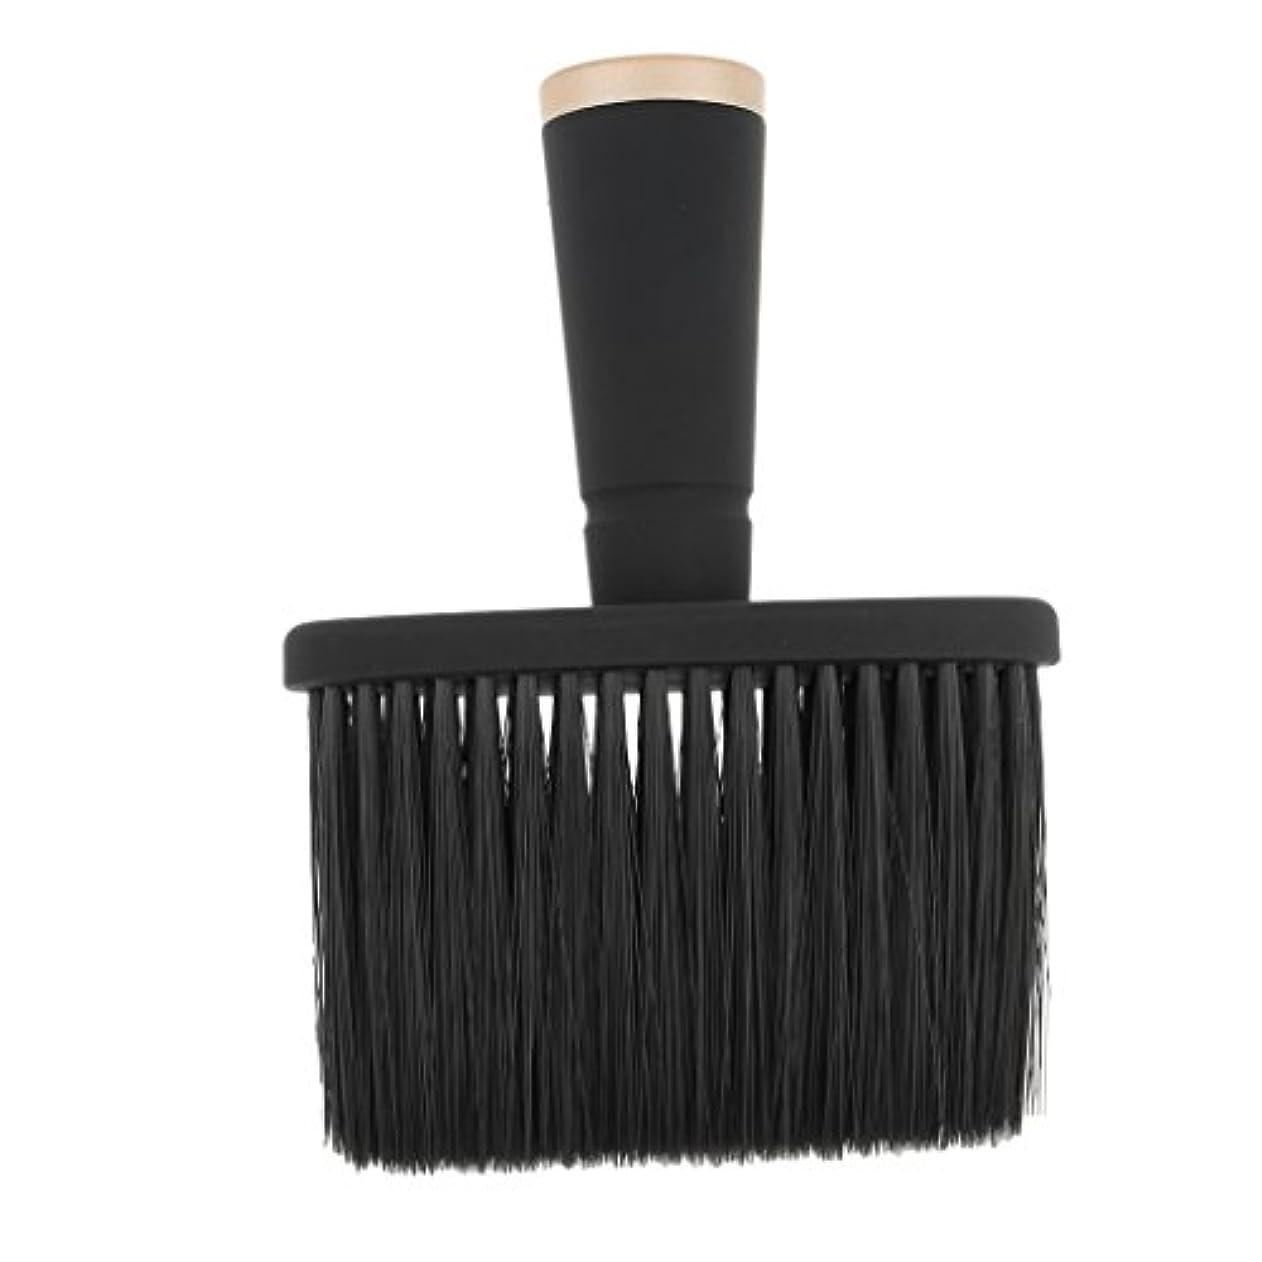 改修する法律お父さんToygogo プロの理髪師の首のダスターのブラシ、毛の切断のための柔らかいクリーニングの表面ブラシ、携帯用設計 - ゴールド